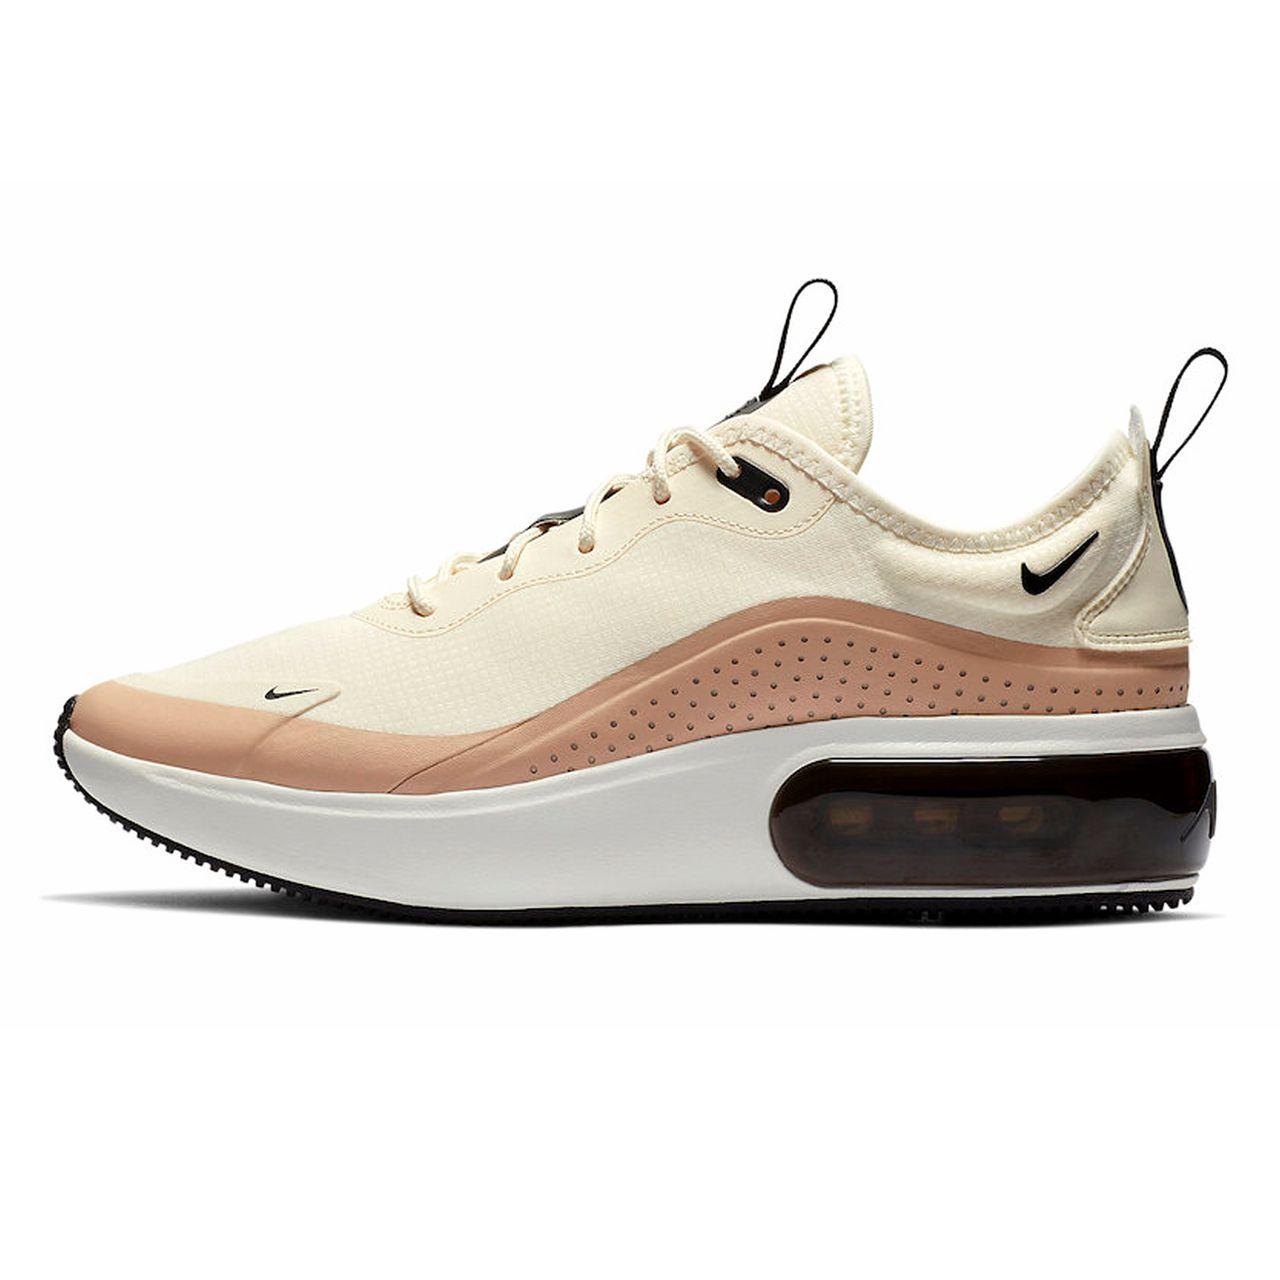 کفش راحتی زنانه نایکی مدل AQ4312-101